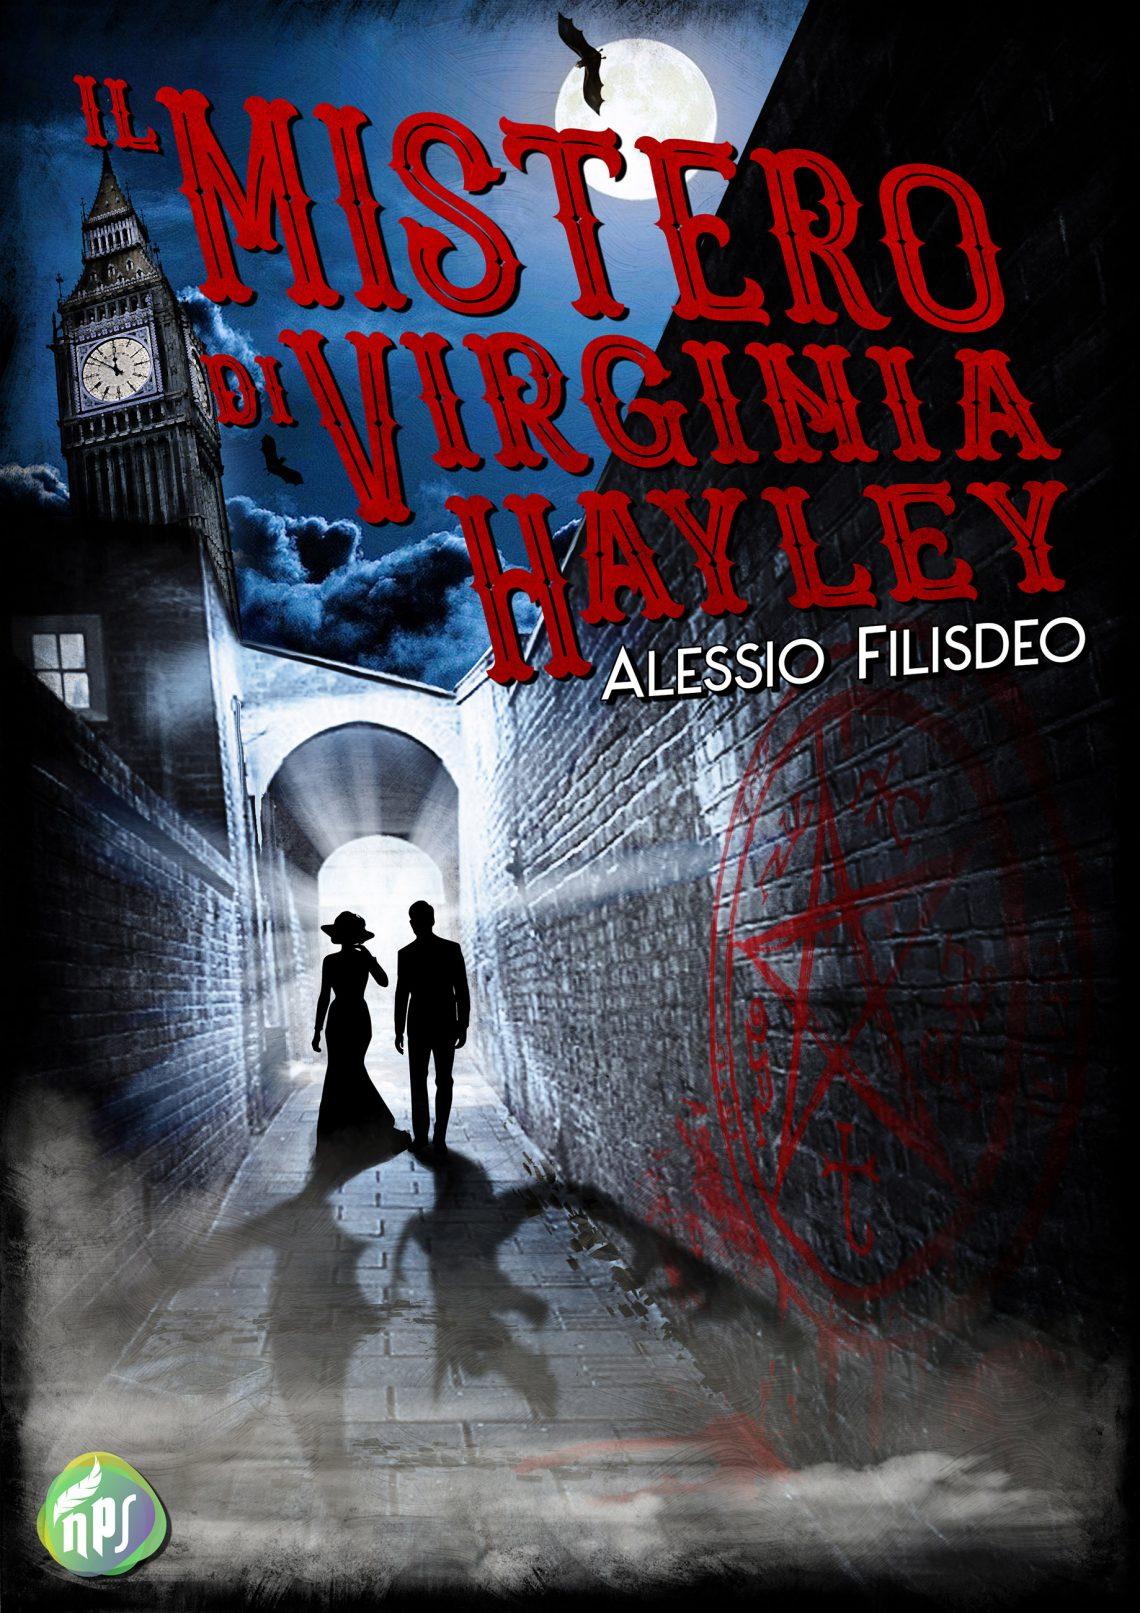 Risultati immagini per Il mistero di Virginia Hayley Alessio Filisdeo